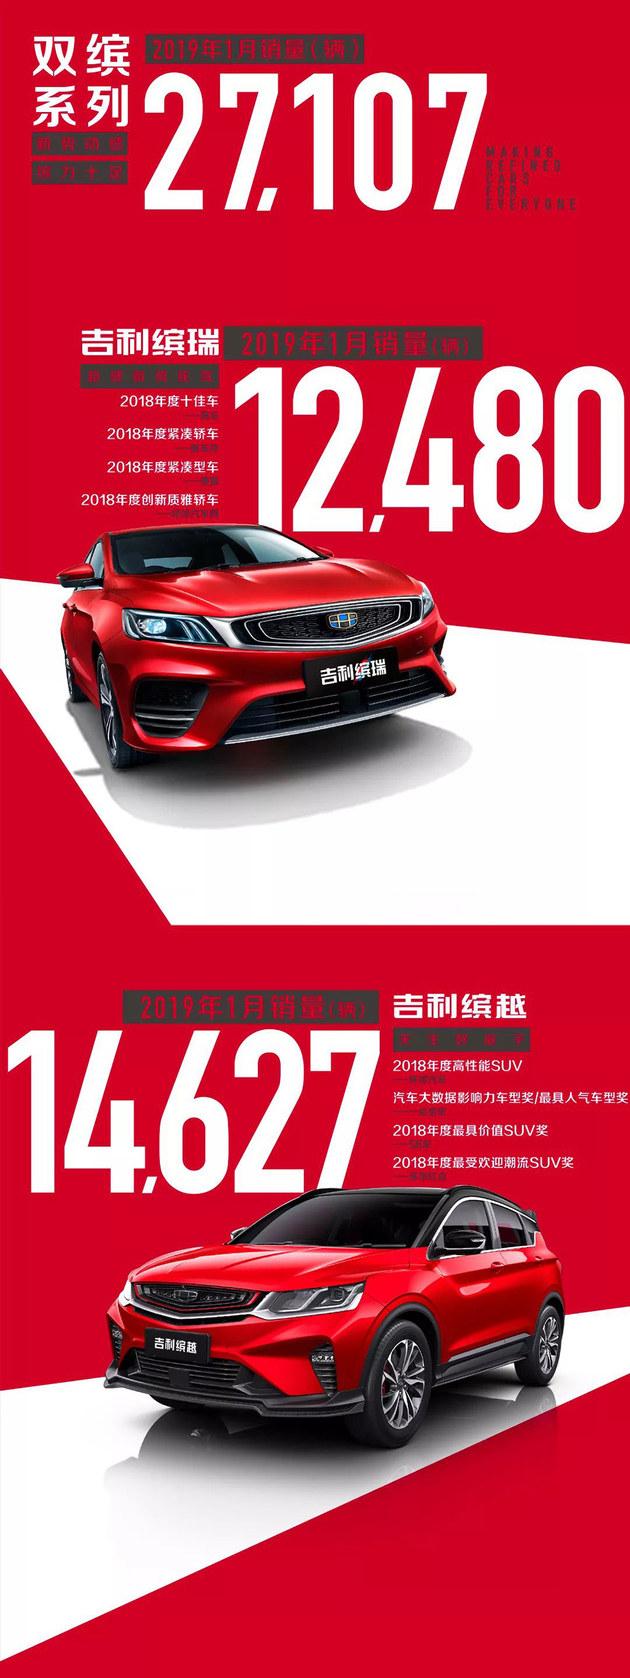 吉利汽车1月总销量15.83万辆 9款车破万